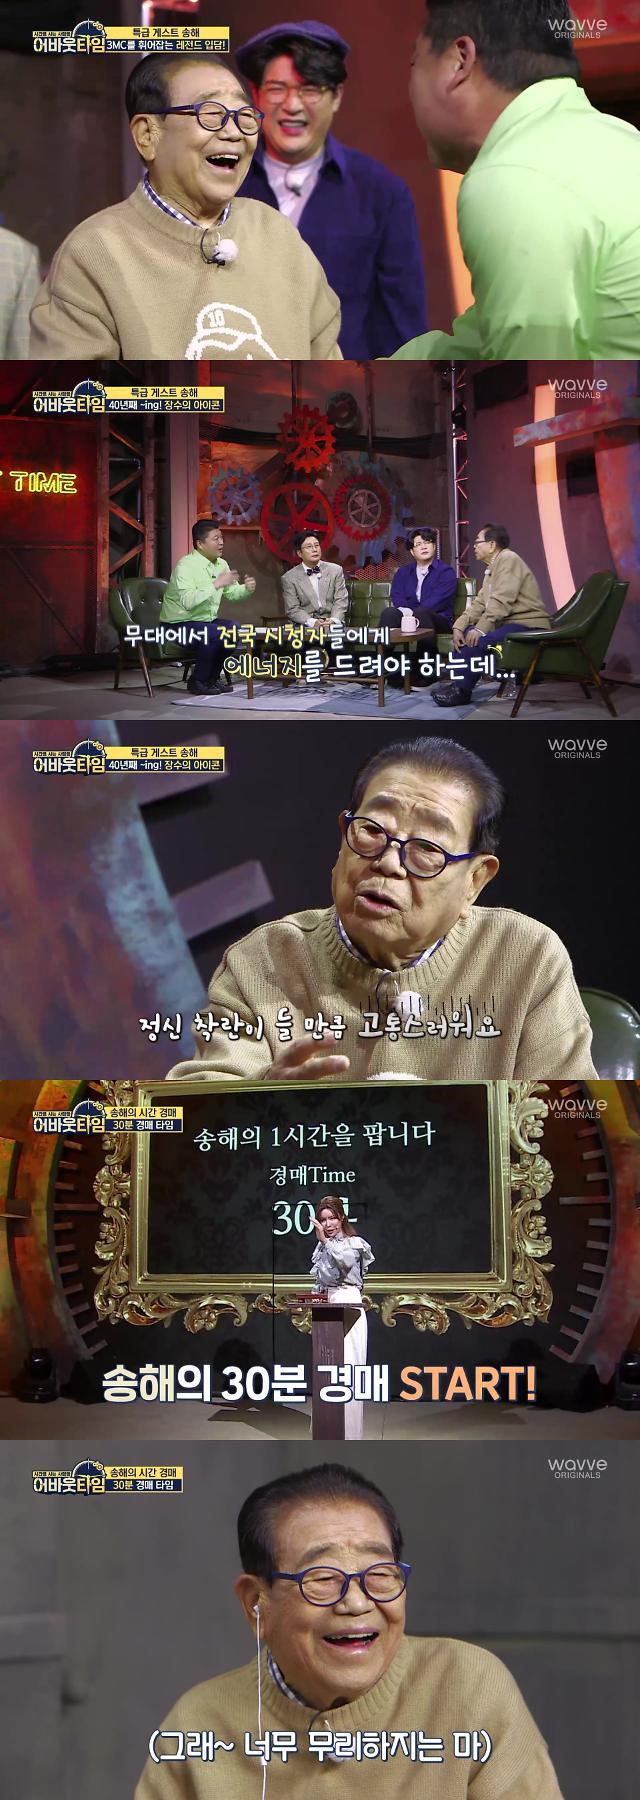 """어바웃타임 송해, 전국노래자랑 중단···""""정신 착란급 고통"""" 송가인 기억에 남아"""